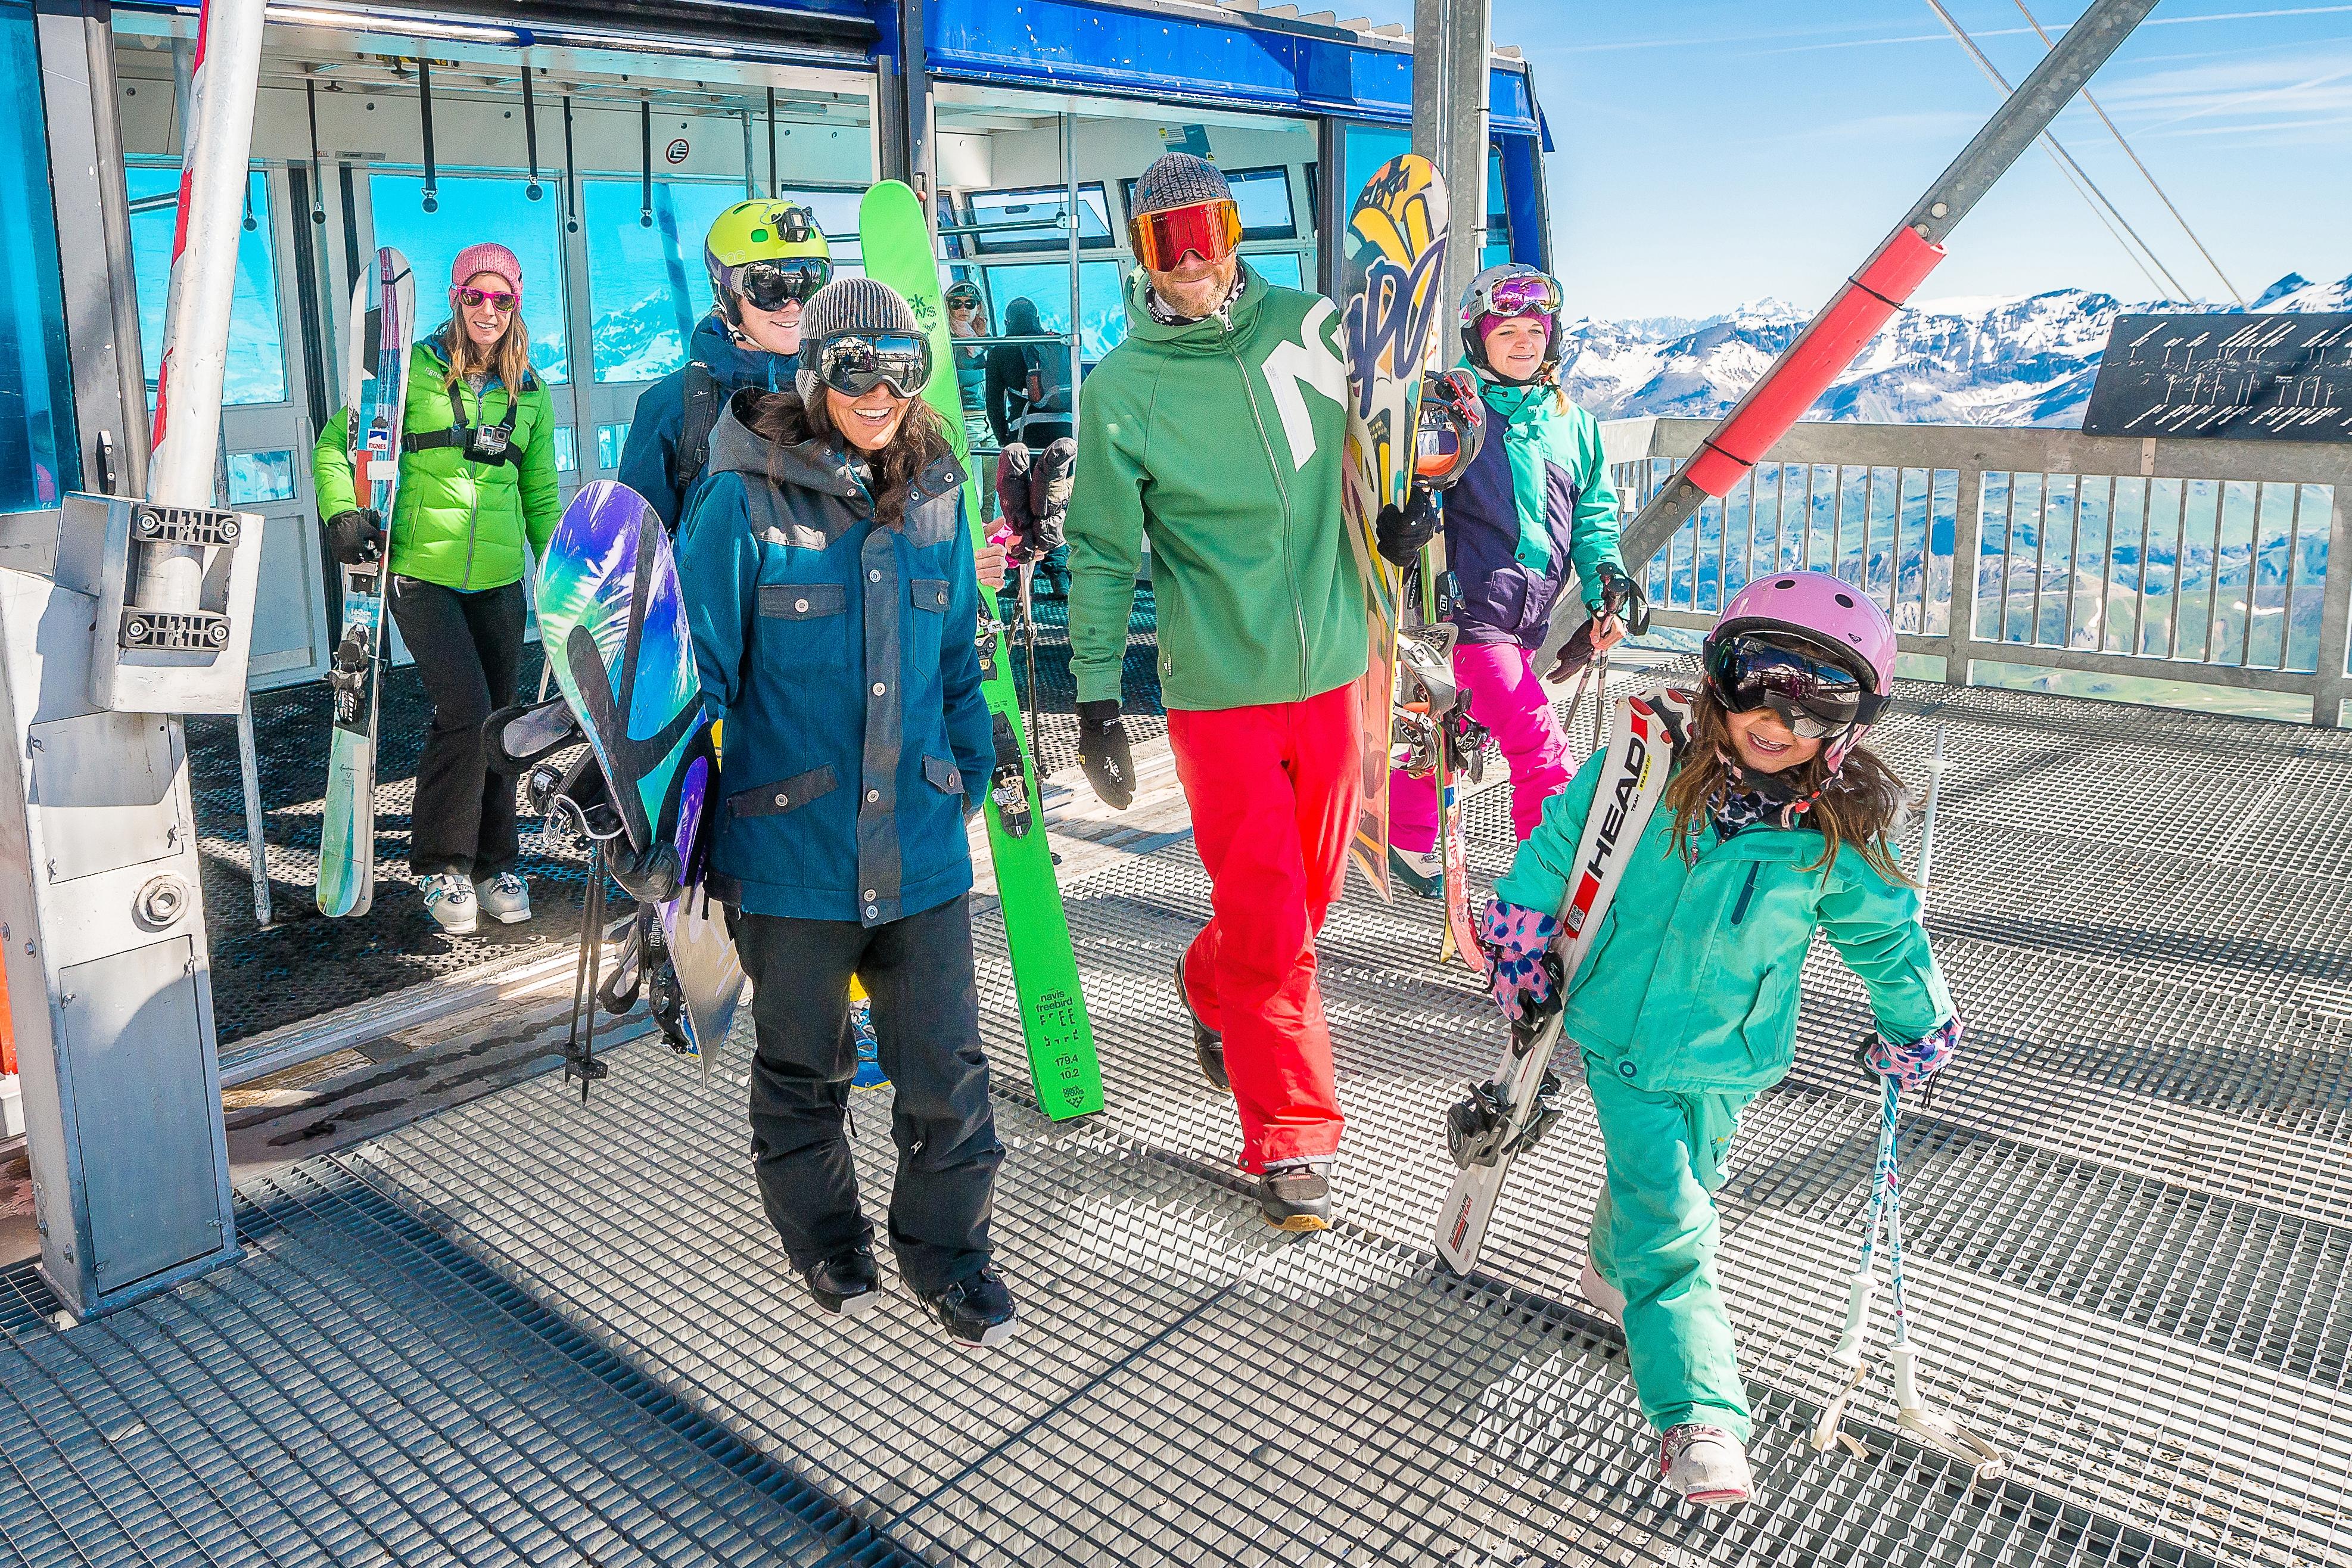 Summerski & Snowboard Tignes || 3 tot 31 juli 2022